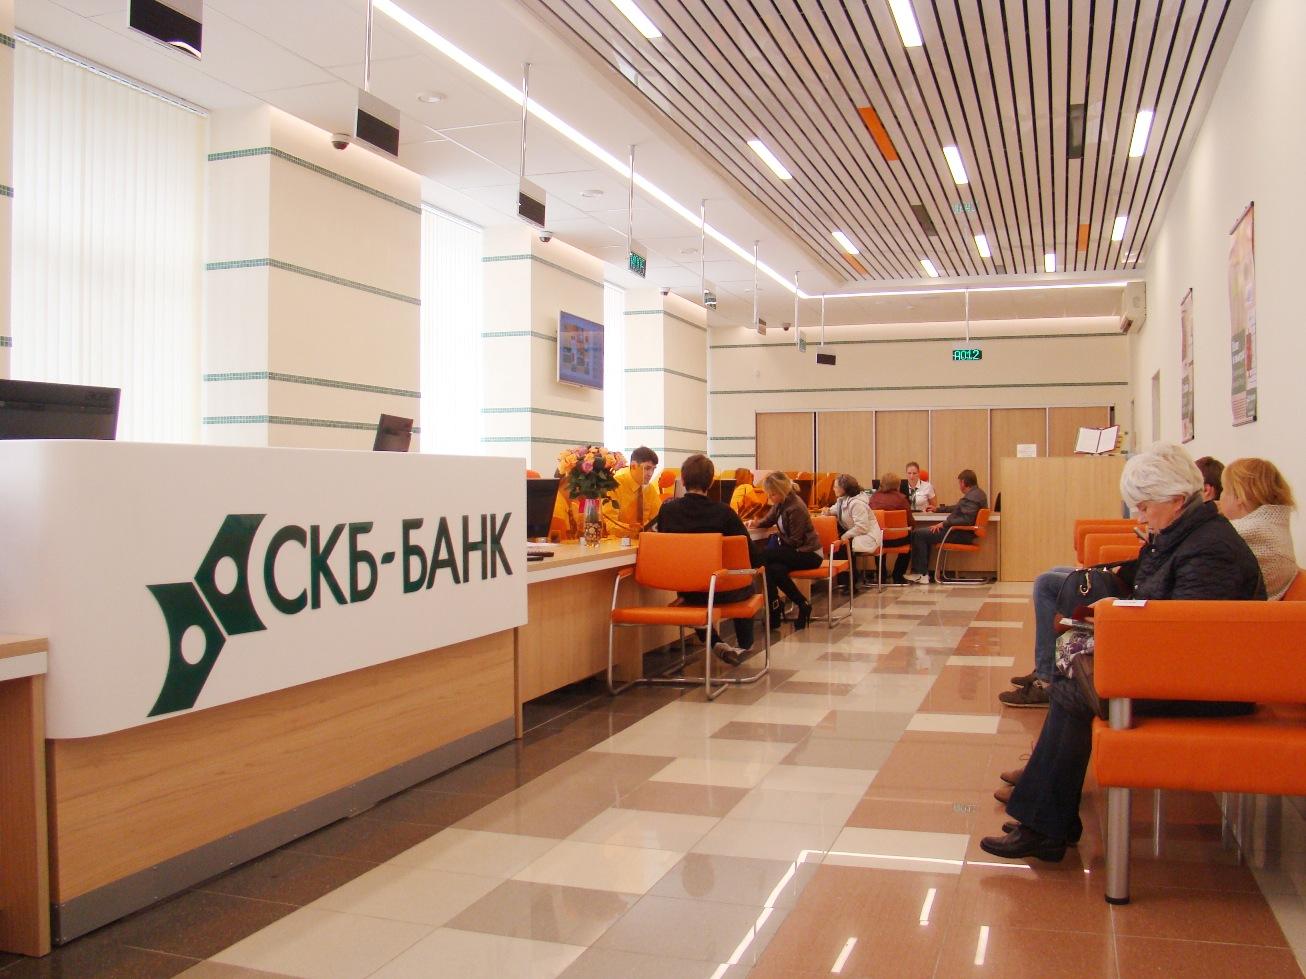 офис СКБ-банка